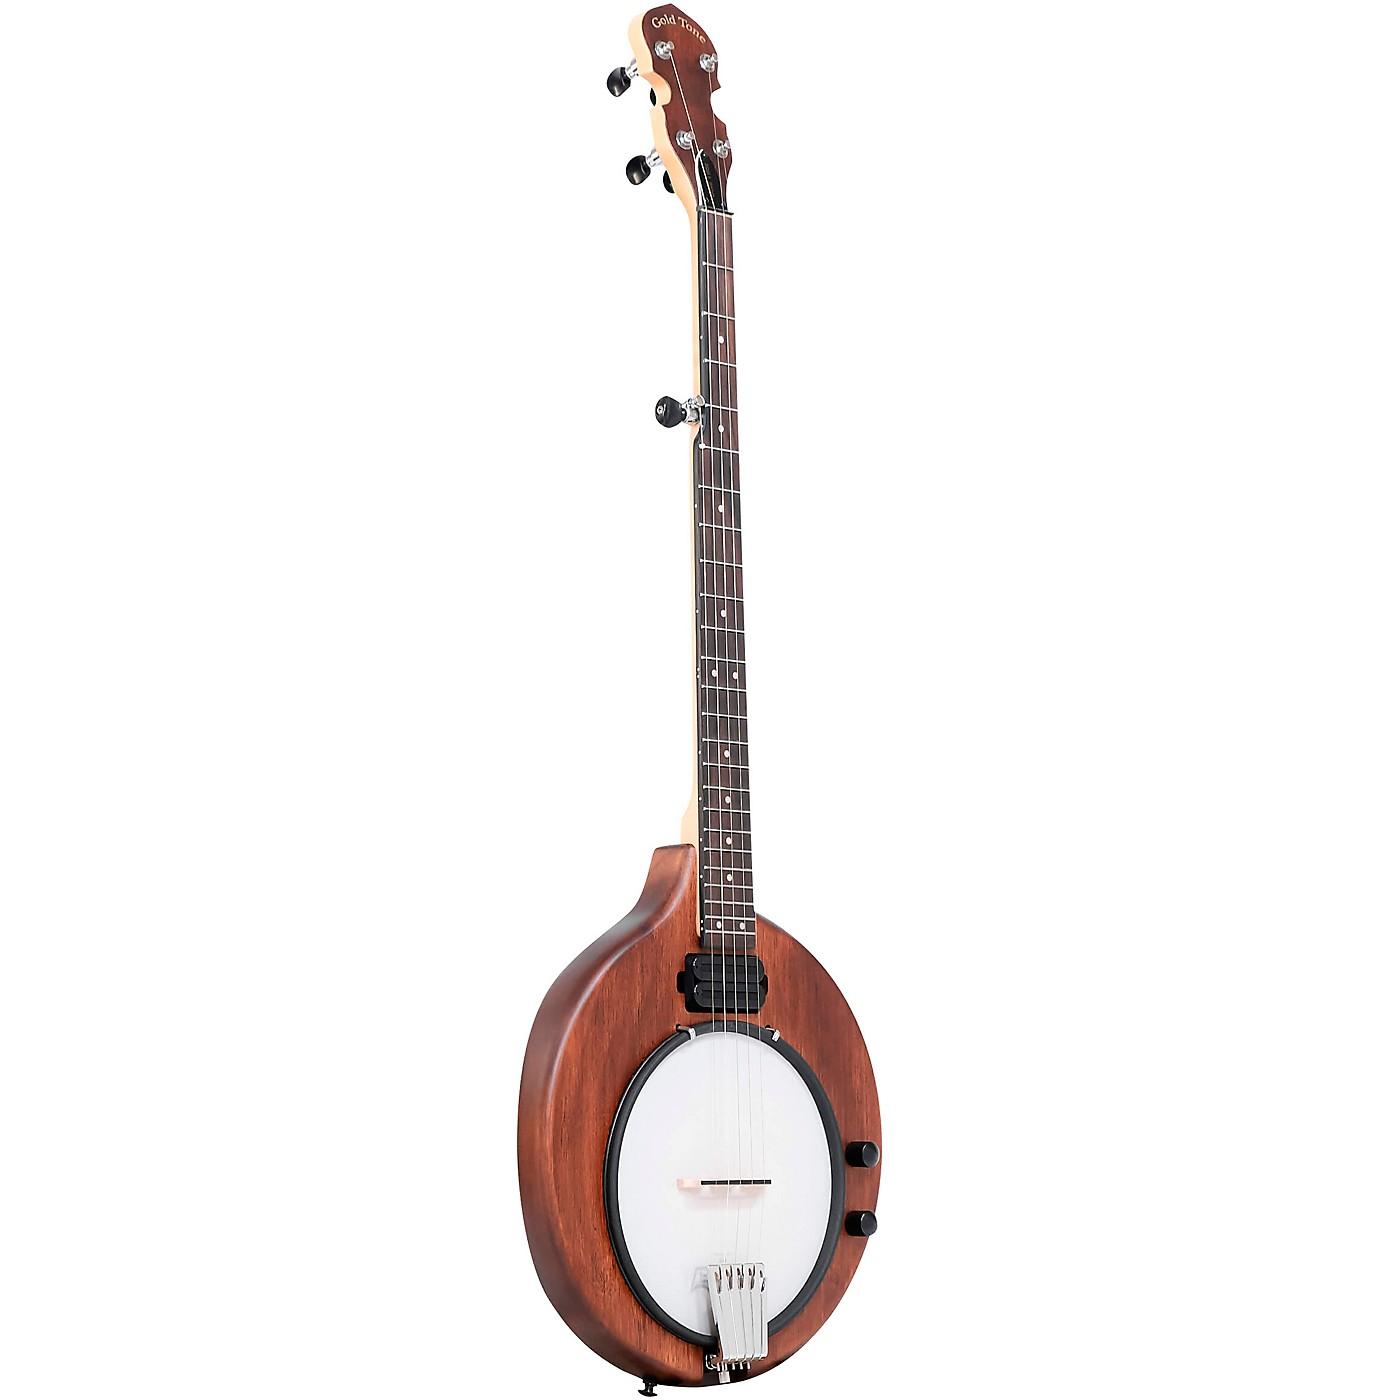 Gold Tone EB-5 Electric Banjo thumbnail